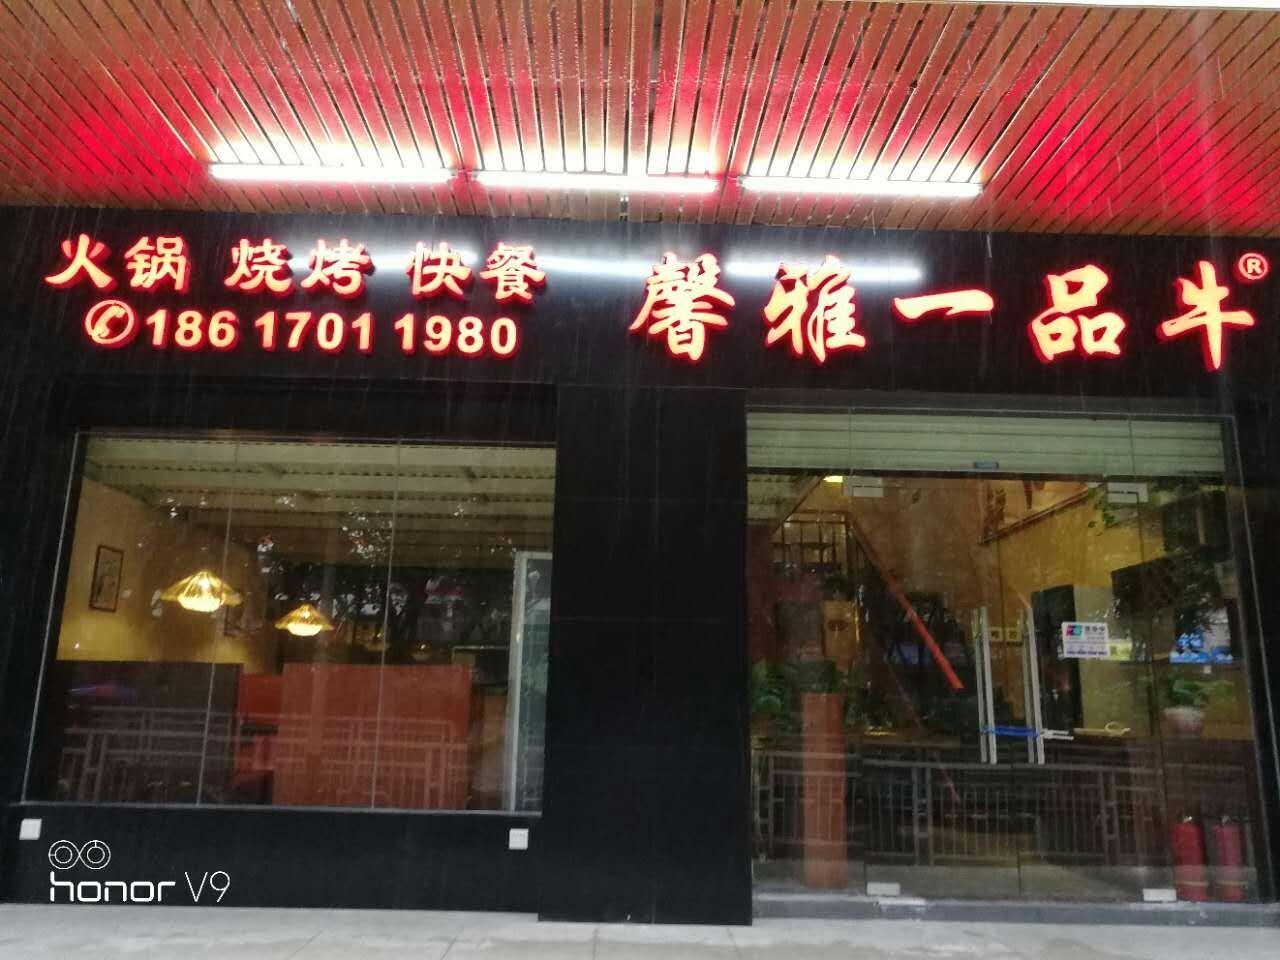 广东湛江馨雅一品牛类似雷竞技这种靠谱的店Z67B类似雷竞技这种靠谱的桌+DT21类似雷竞技这种靠谱的炉